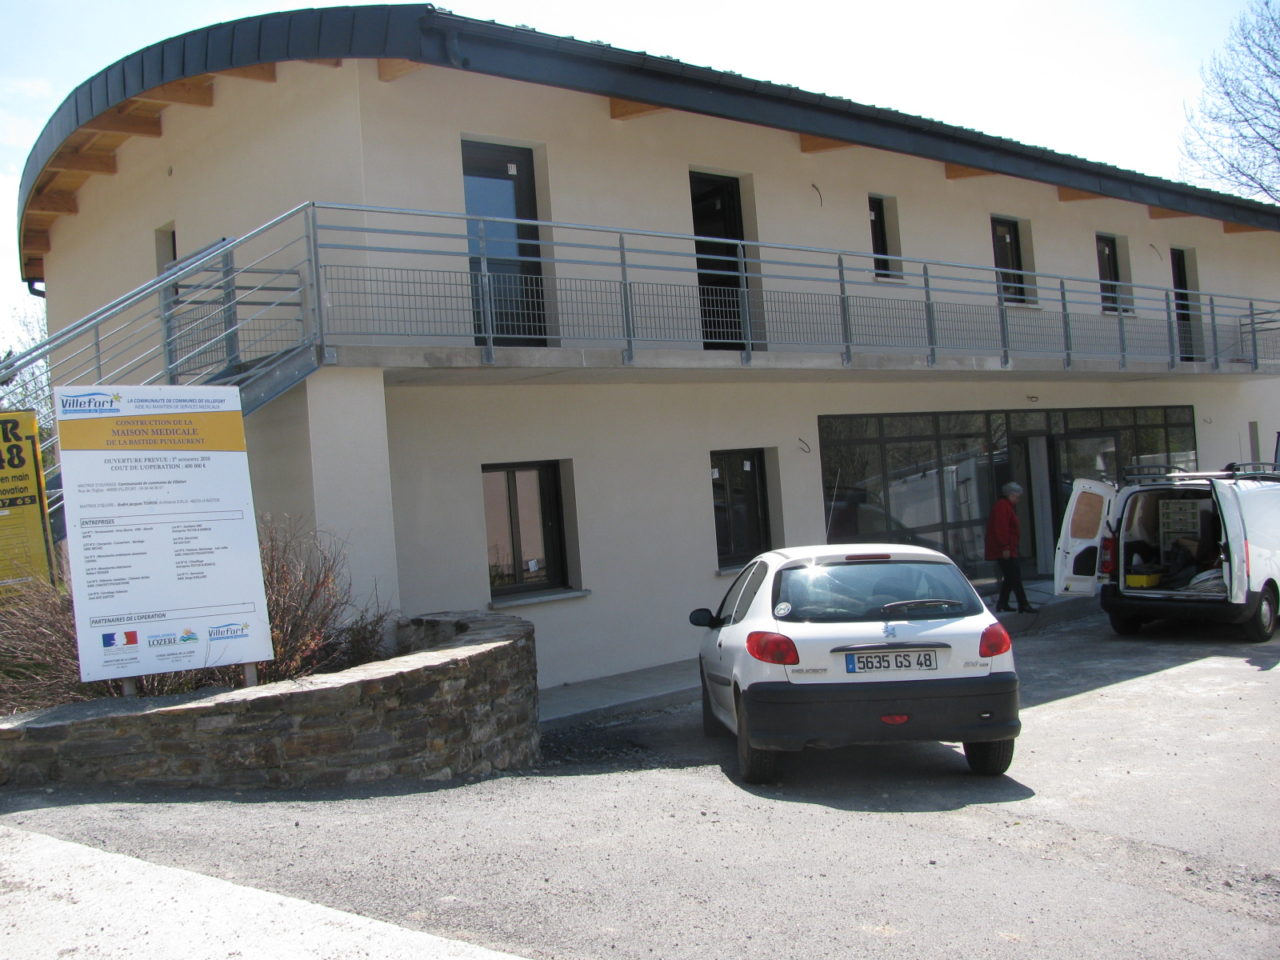 Maison médicale – La Bastide Puylaurent